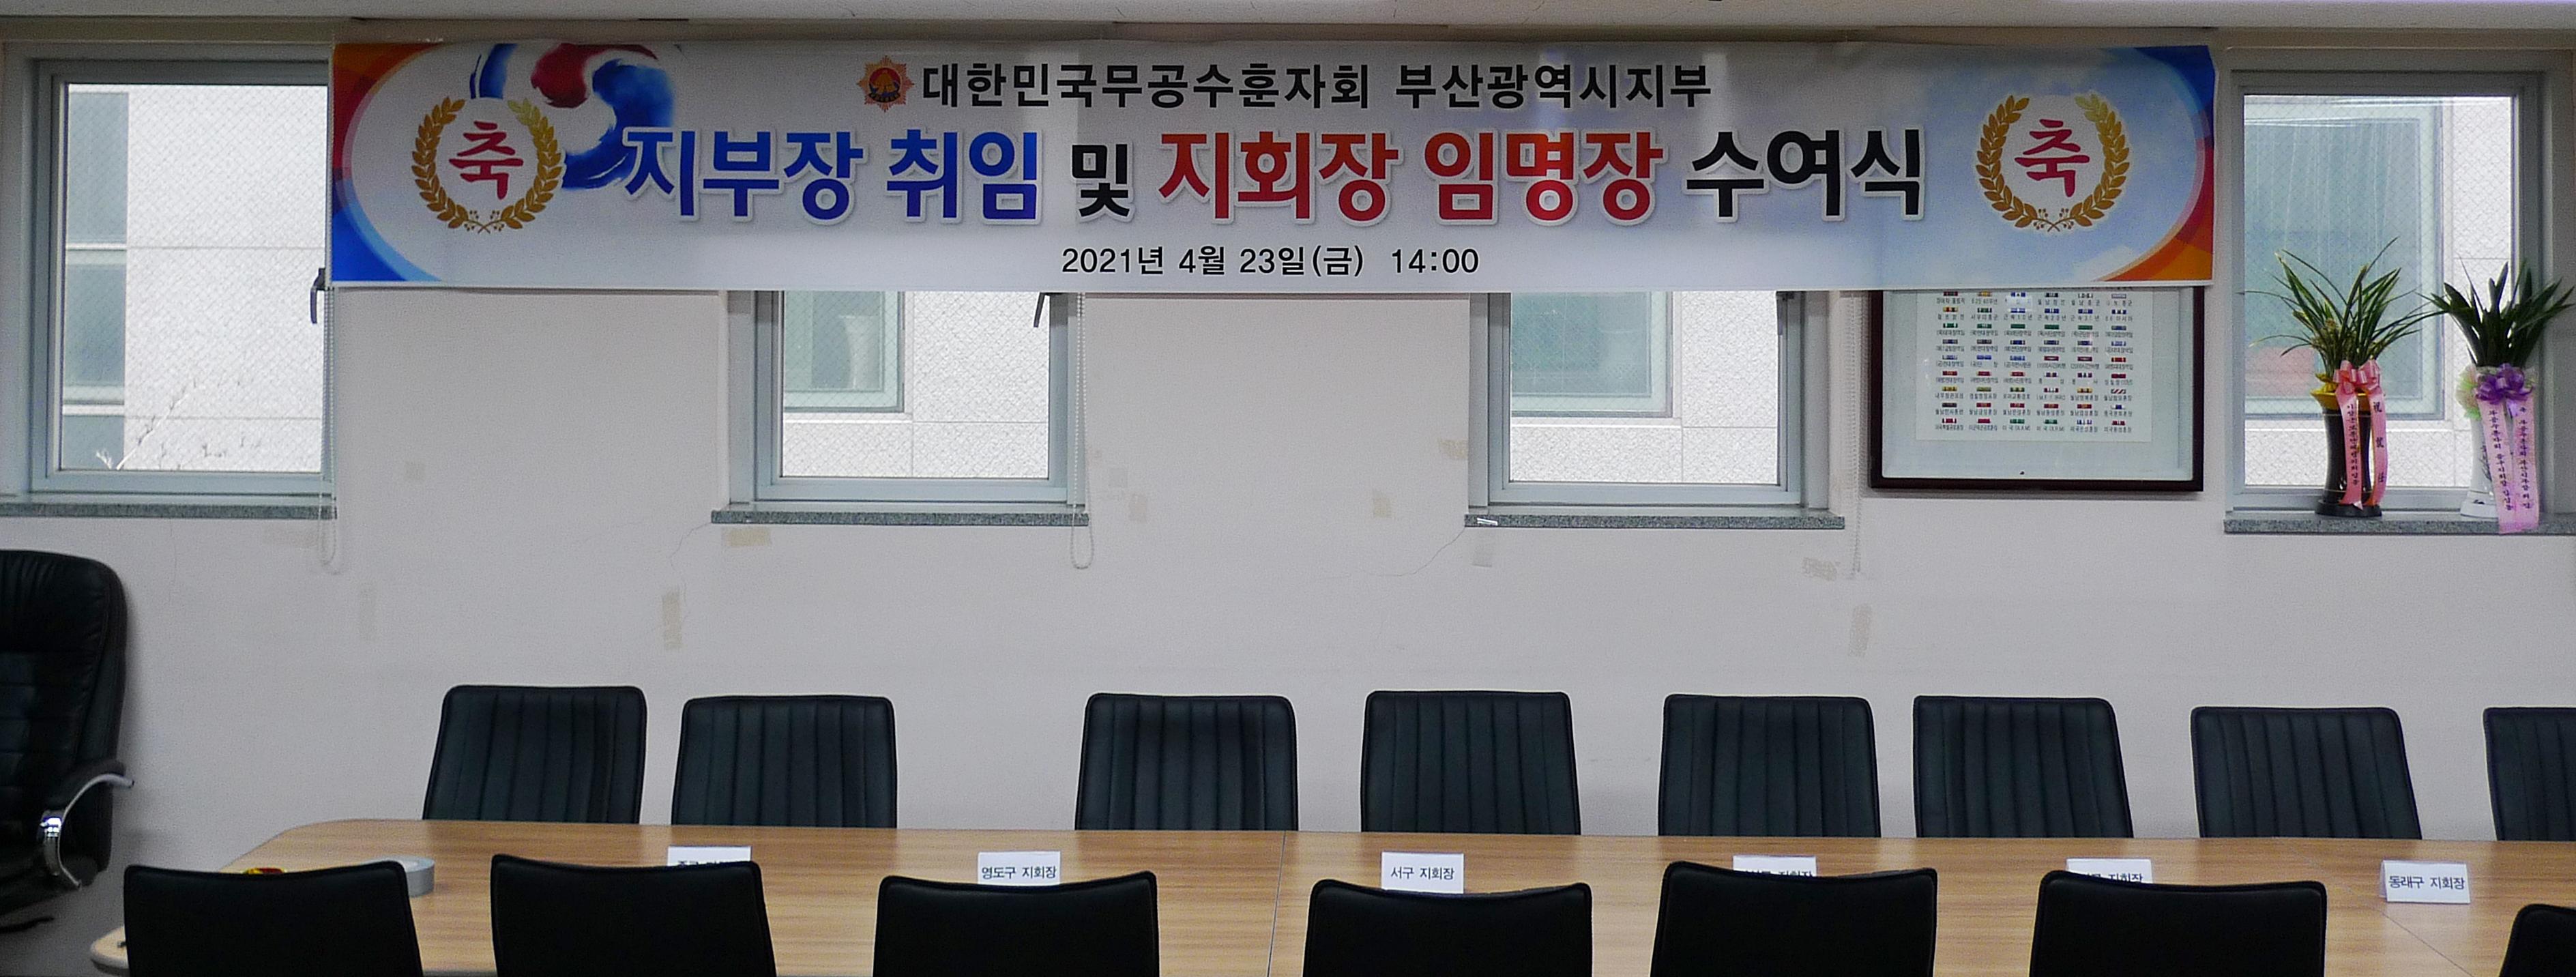 부산광역시지부 제11대 지부장 김태수 취임및 지회장 임명장수여 (2021. 4. 23. 금. 14 : 00 ~ )